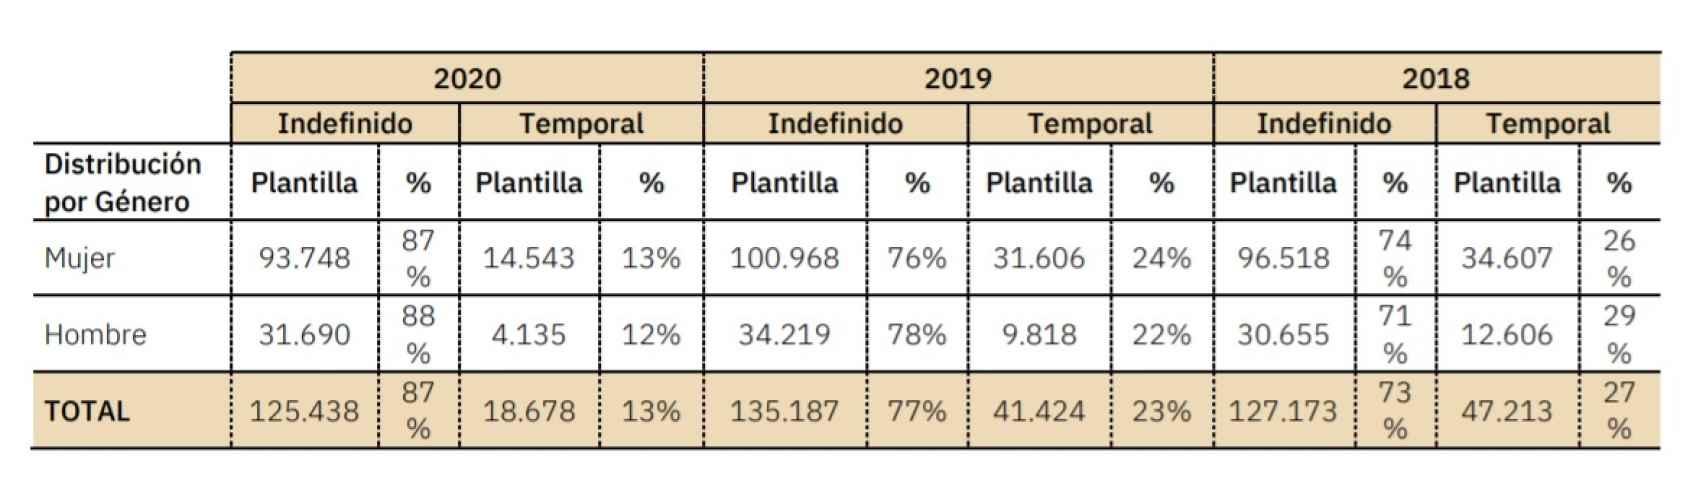 Tipos de contrato por género en Inditex en 2020. Fuente: Inditex.